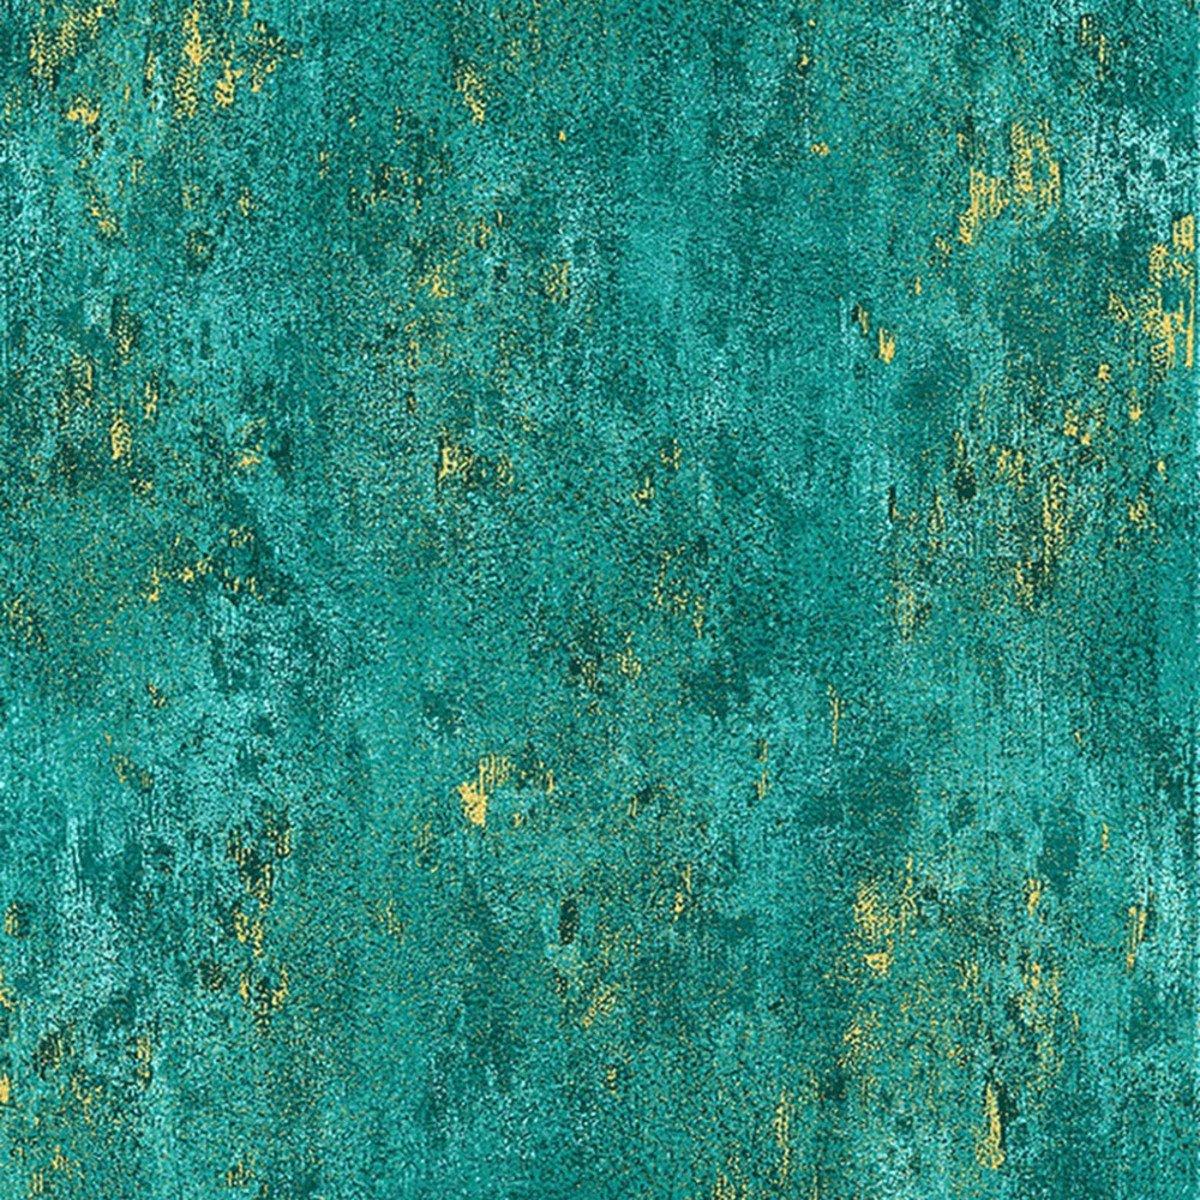 Luxe - Aqua-Gold - R7690-41